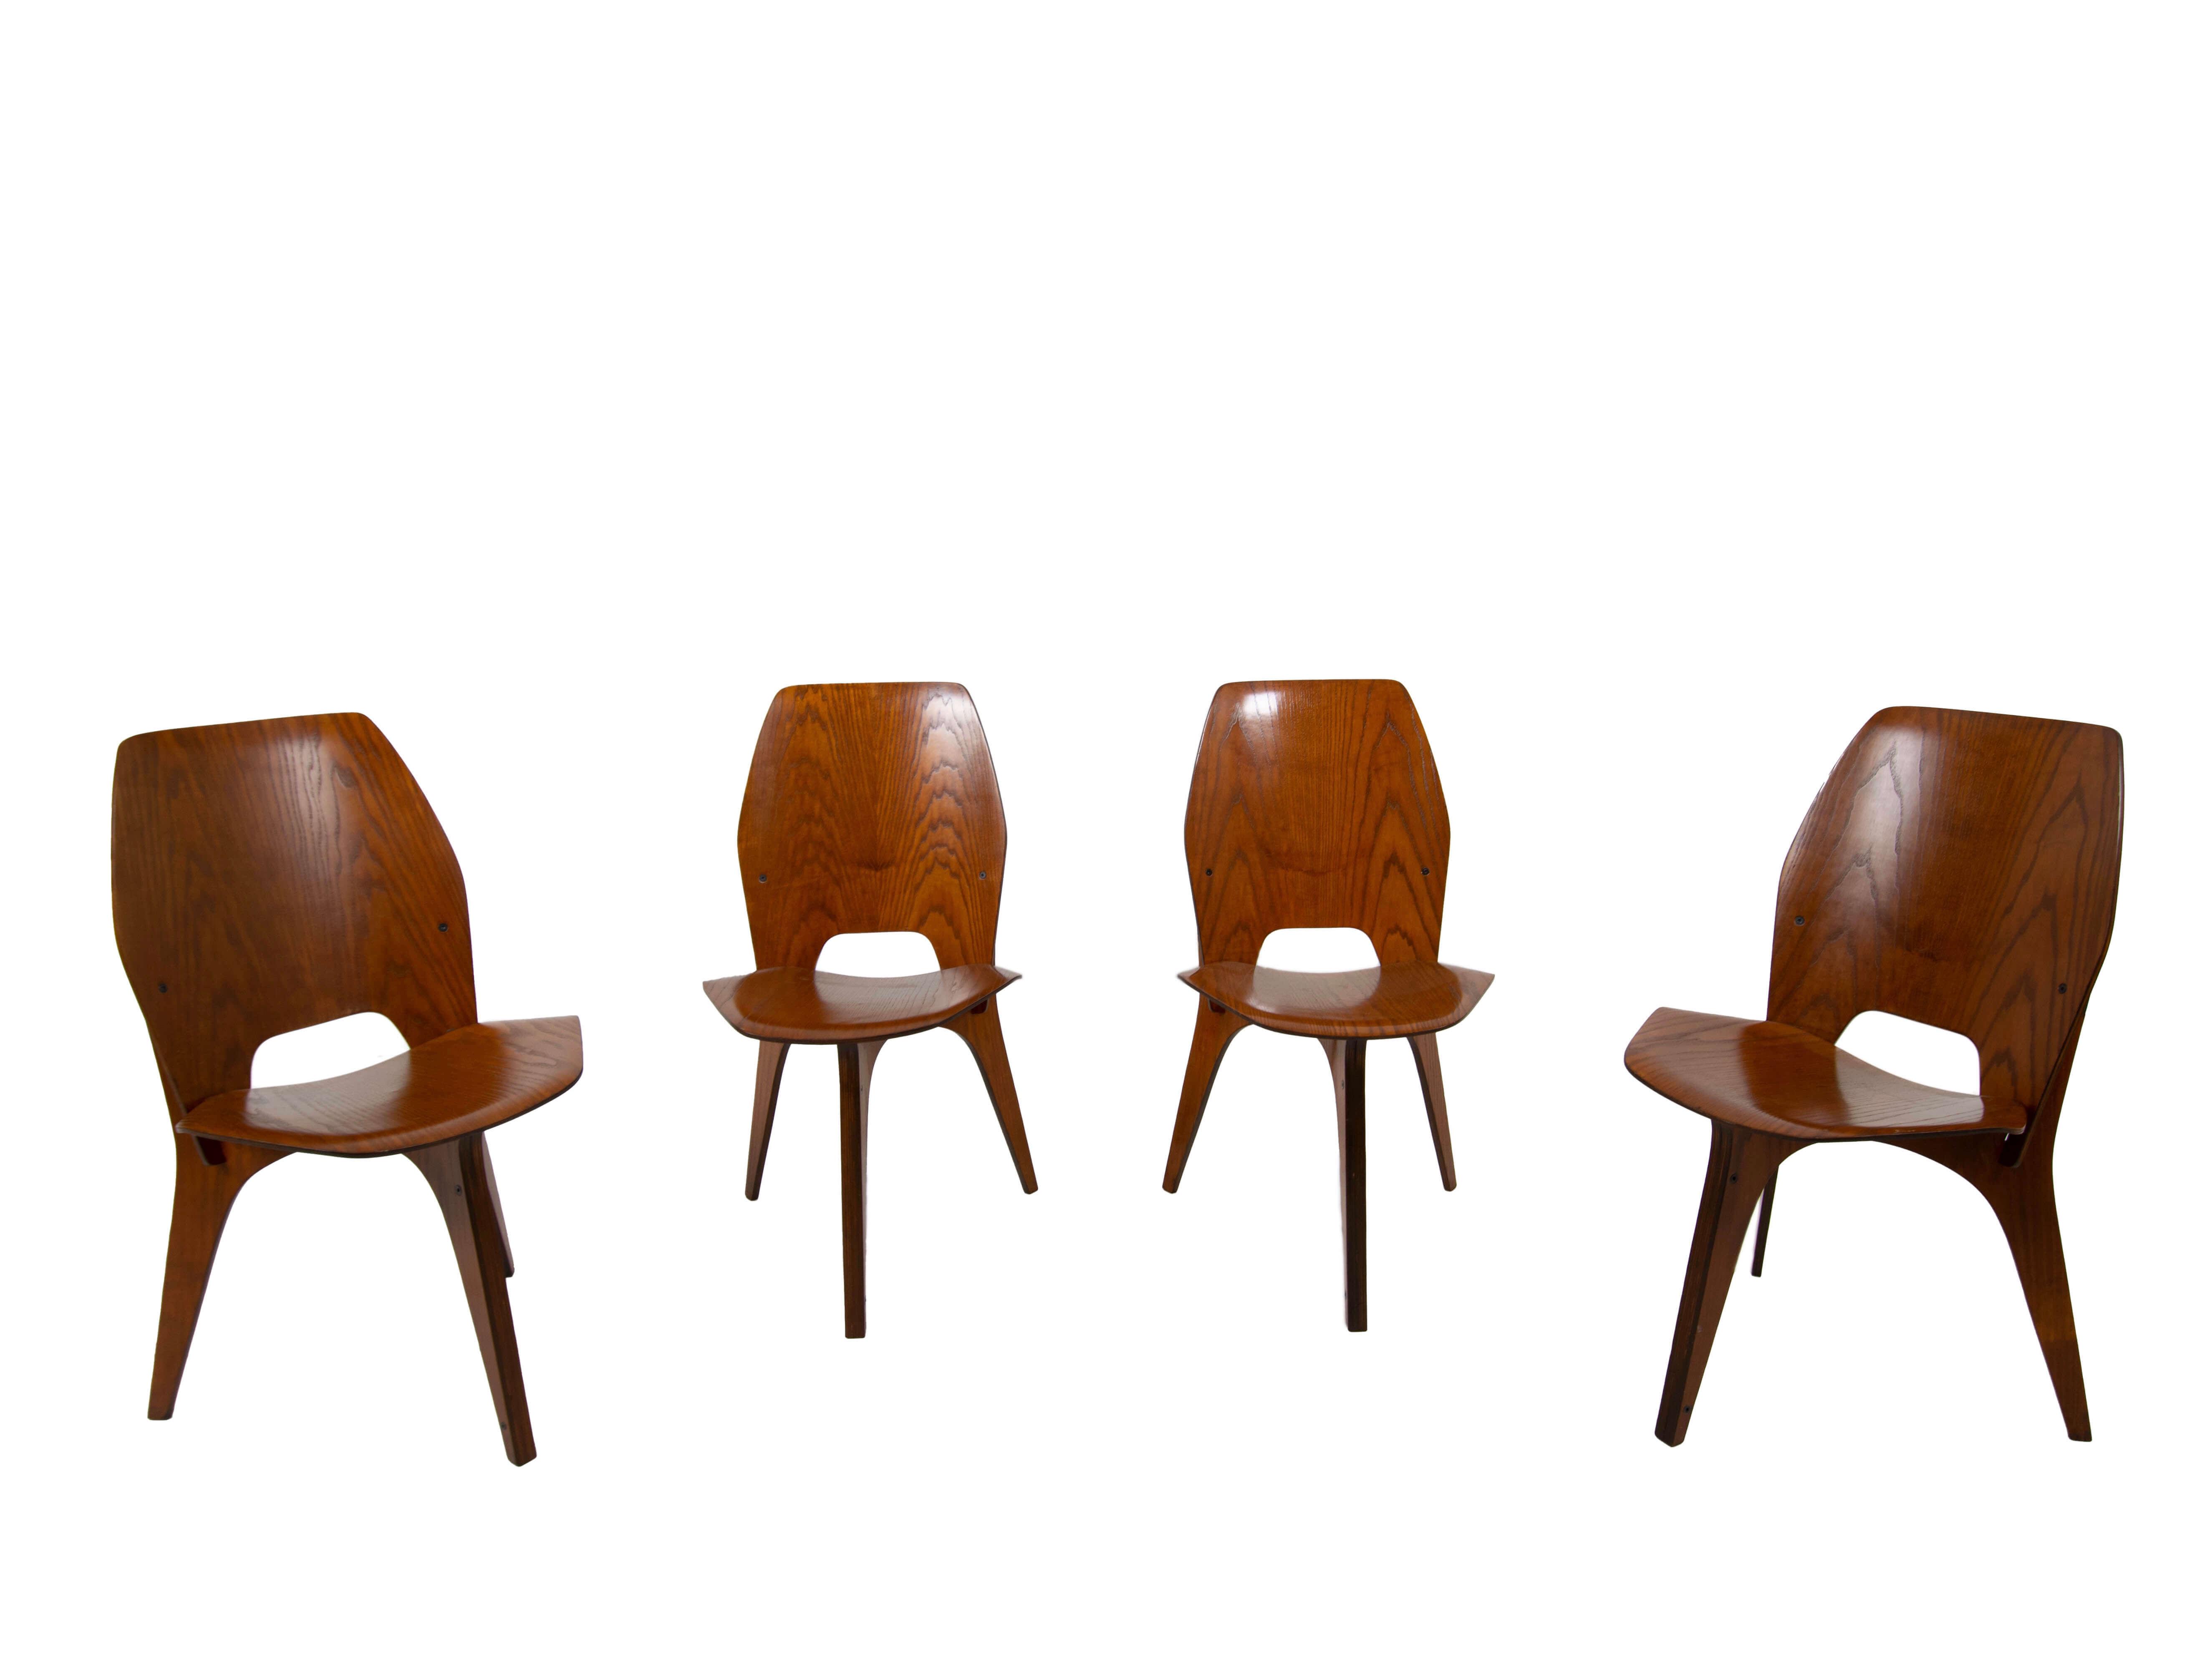 Set of Four Eugenio Gerli and Osvaldo Borsani Chairs for Tecno, Italy 1950s